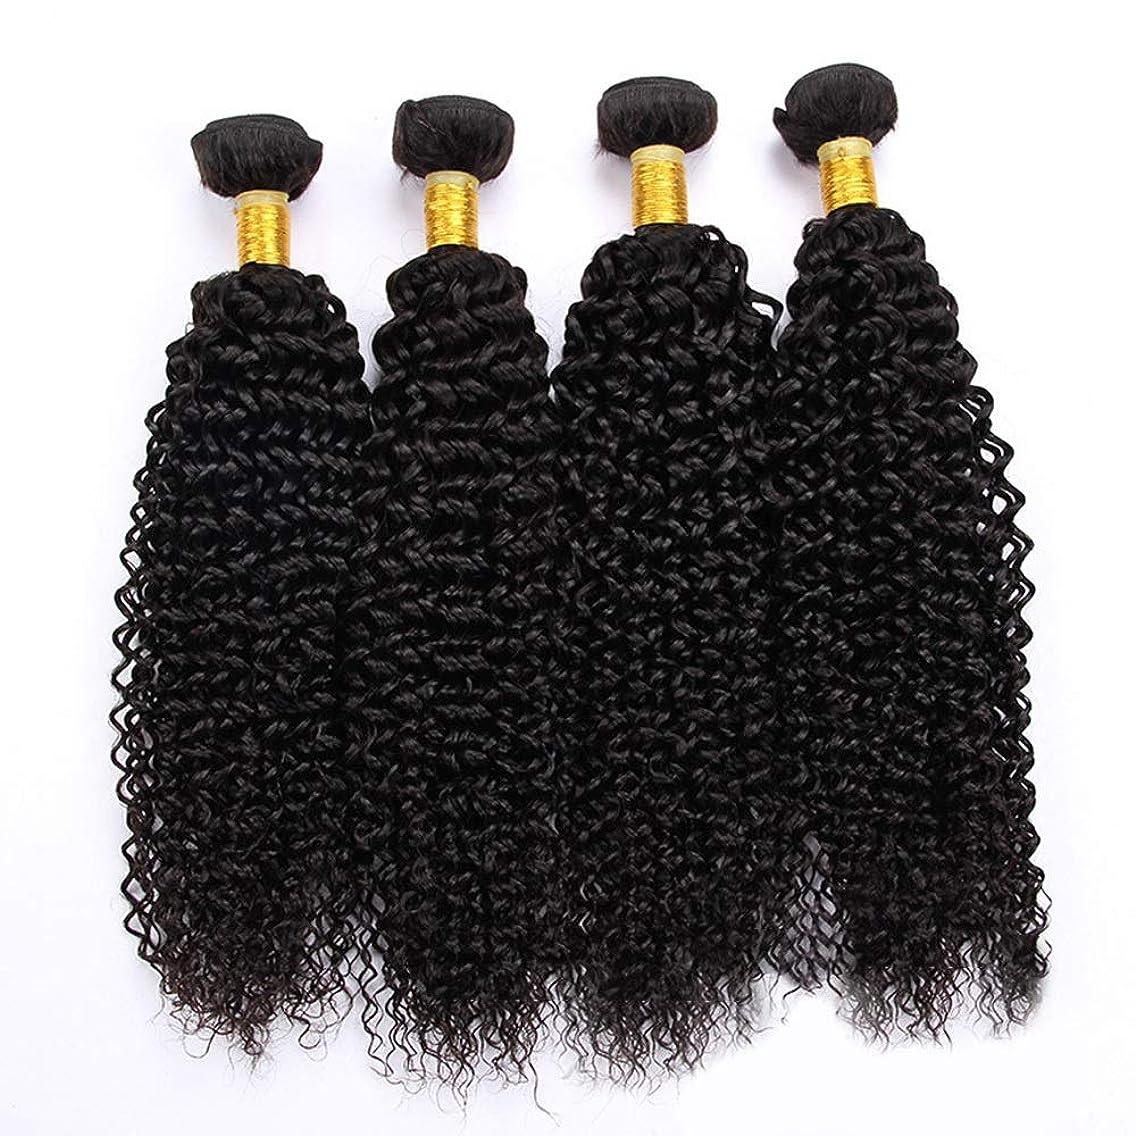 デコレーションその間許すかつら ブラジル巻き毛織り100グラム/個ジェリーカール人毛バンドルエクステンションナチュラルカラー1バンドルAパックアフロウィッグ (色 : 黒, サイズ : 20 inch)